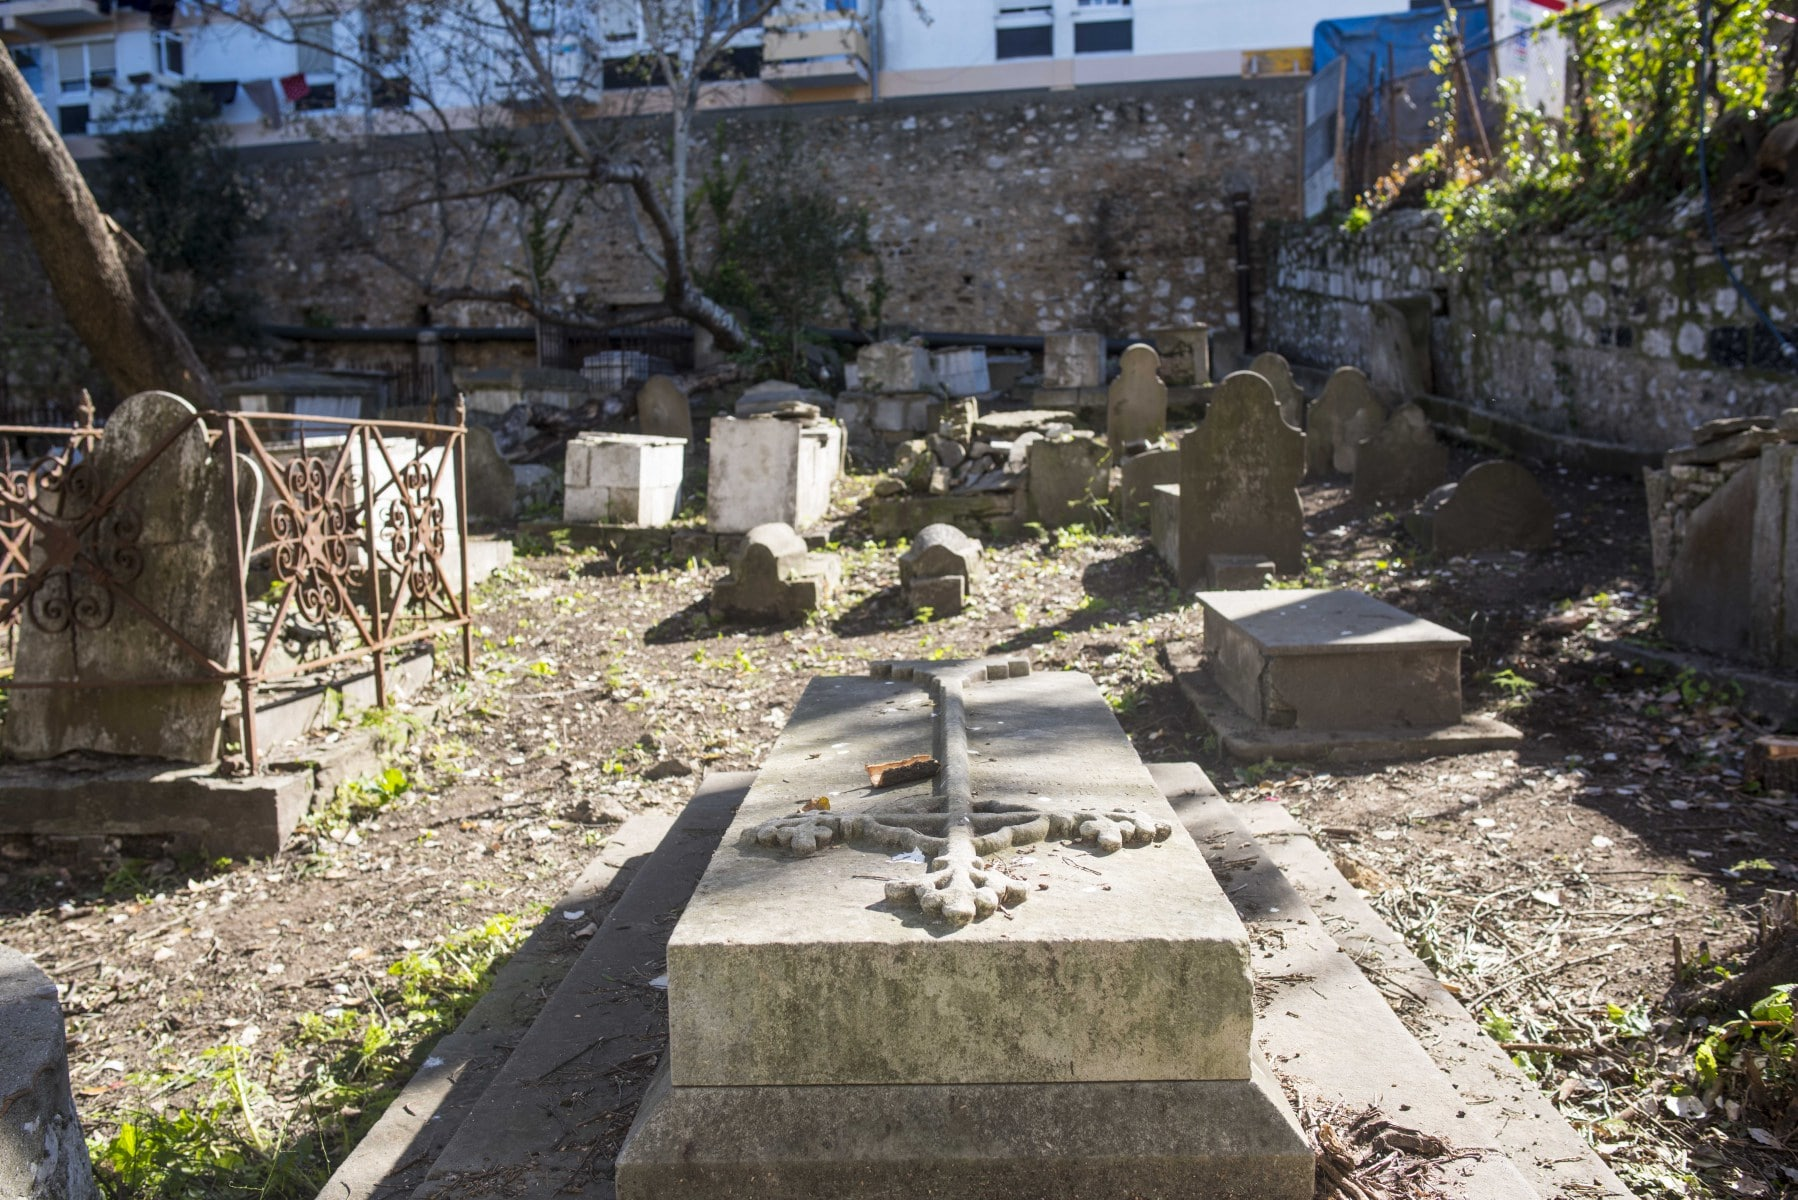 restauracin-cementerio-witham-1_25384702571_o